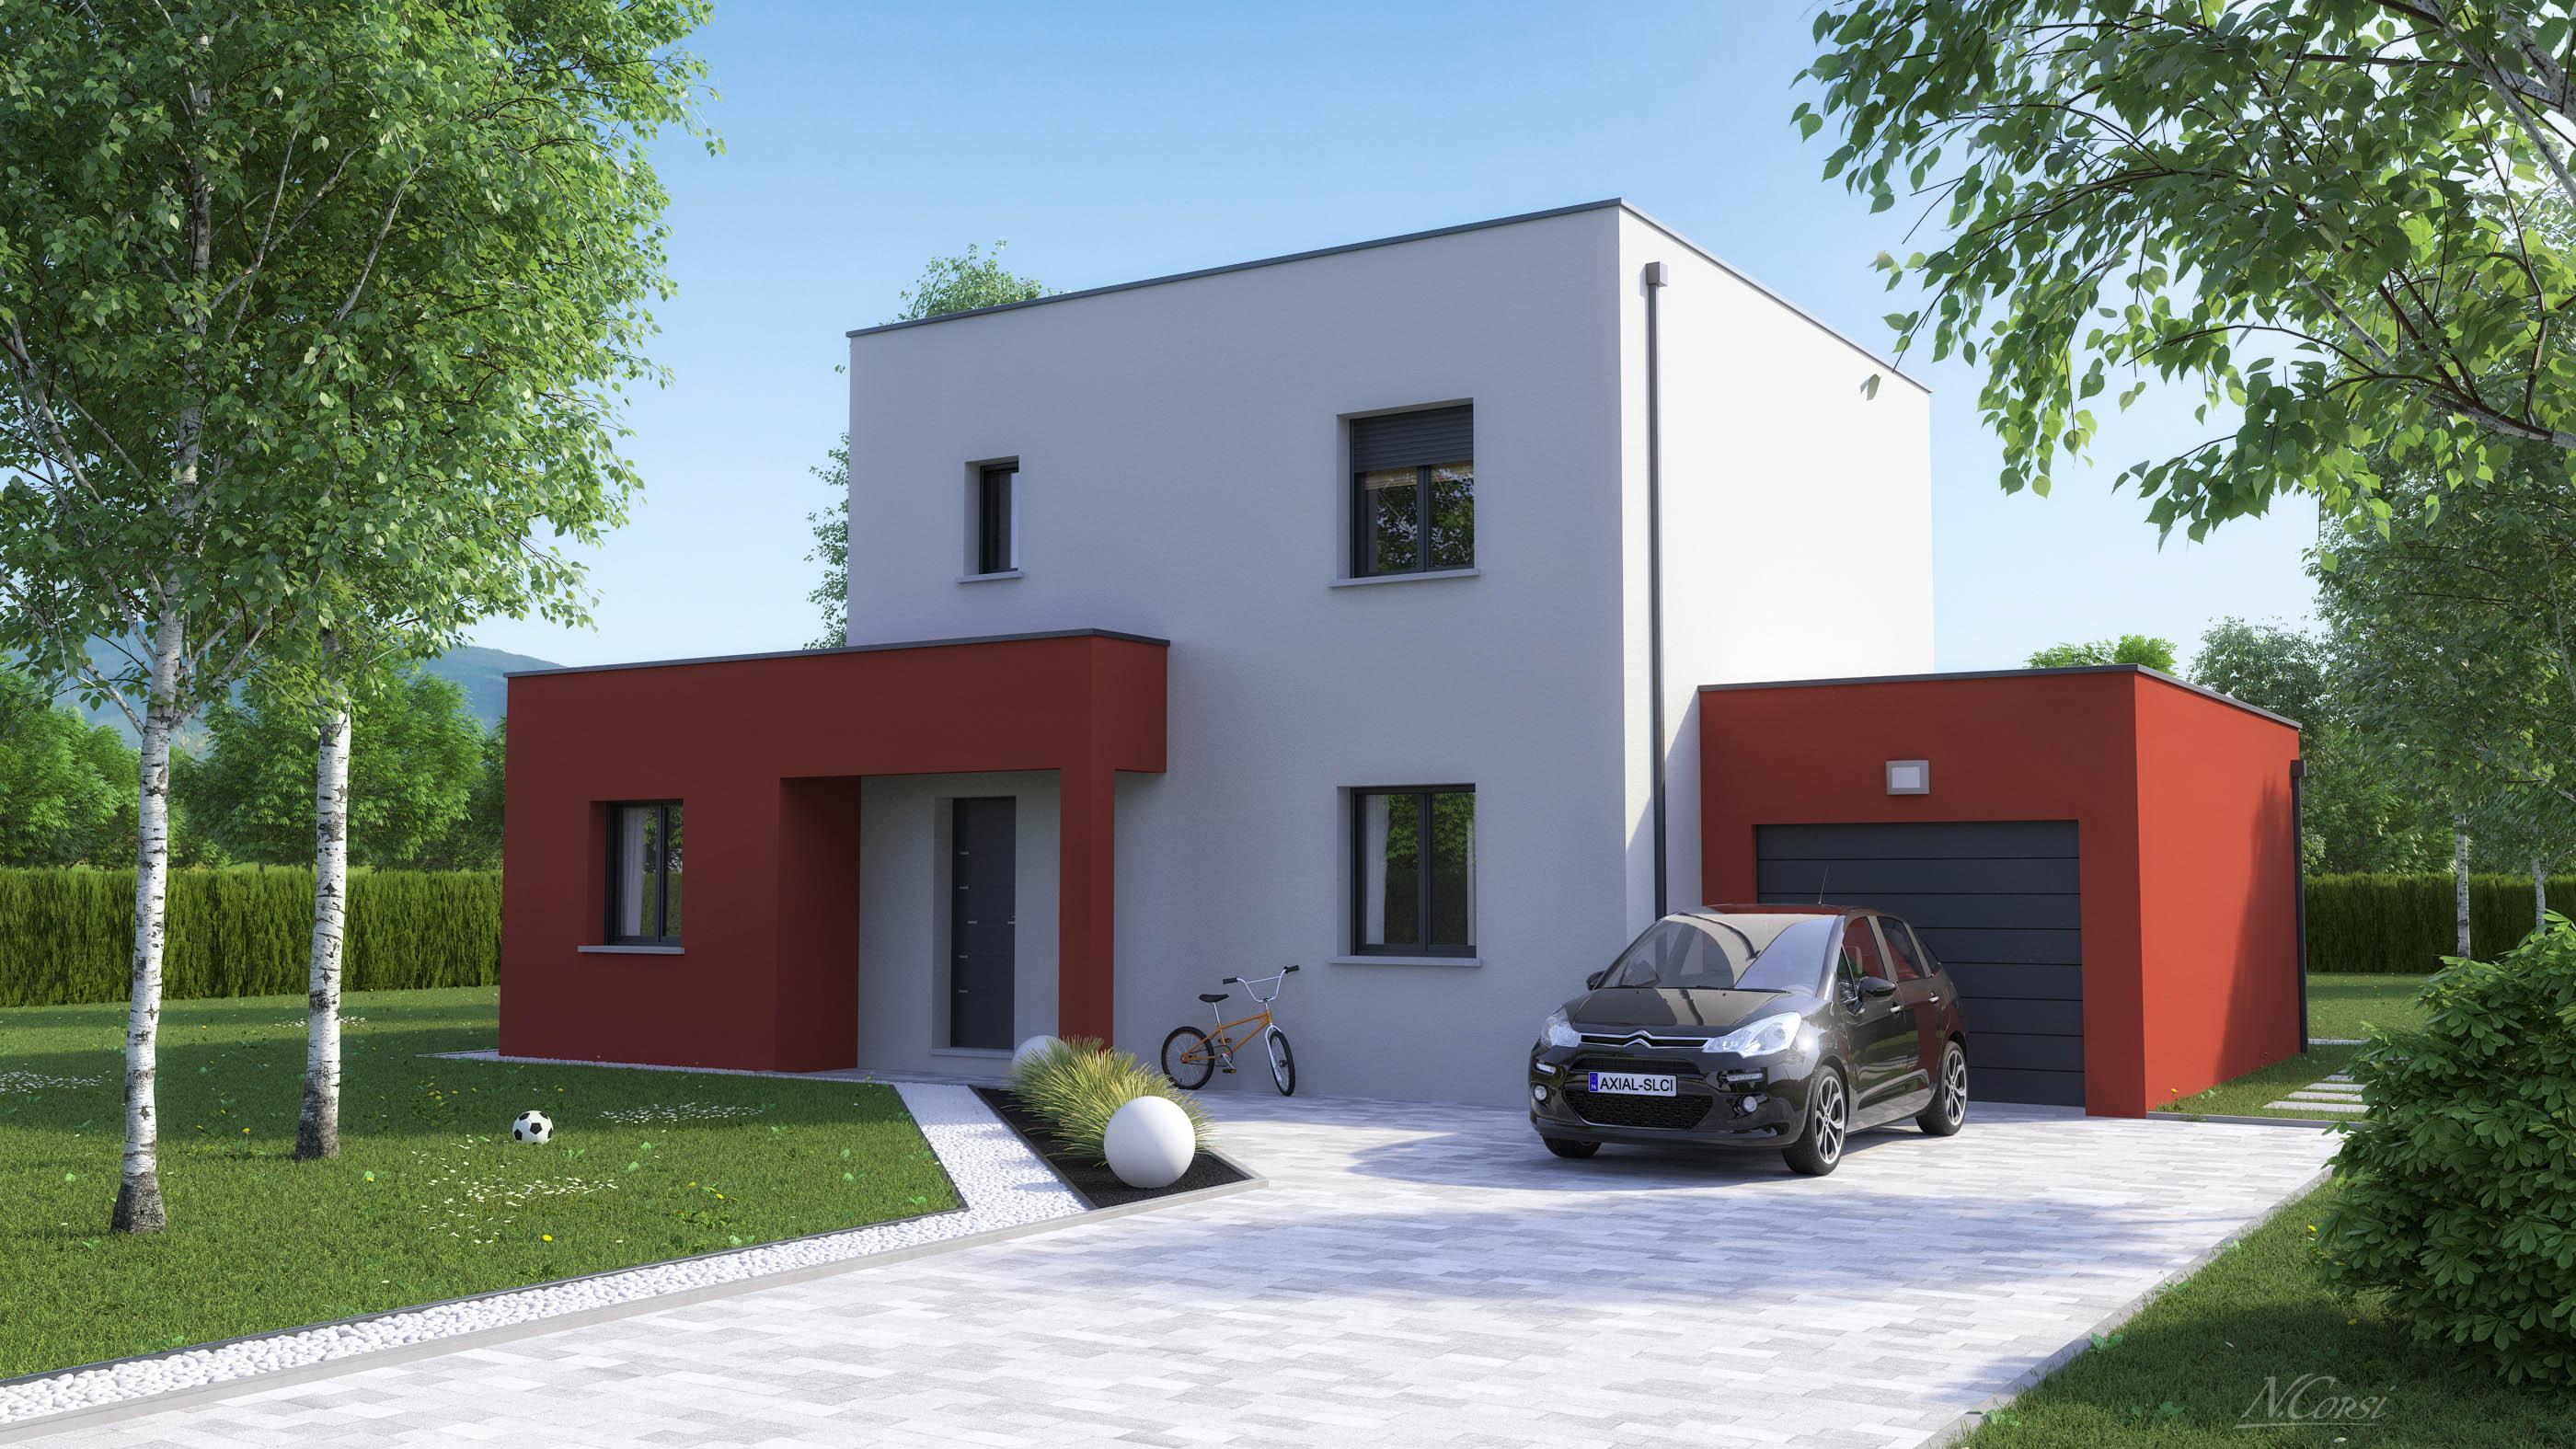 Maison moderne toit plat prix air archi style 8 concept - Prix maison toit plat ...